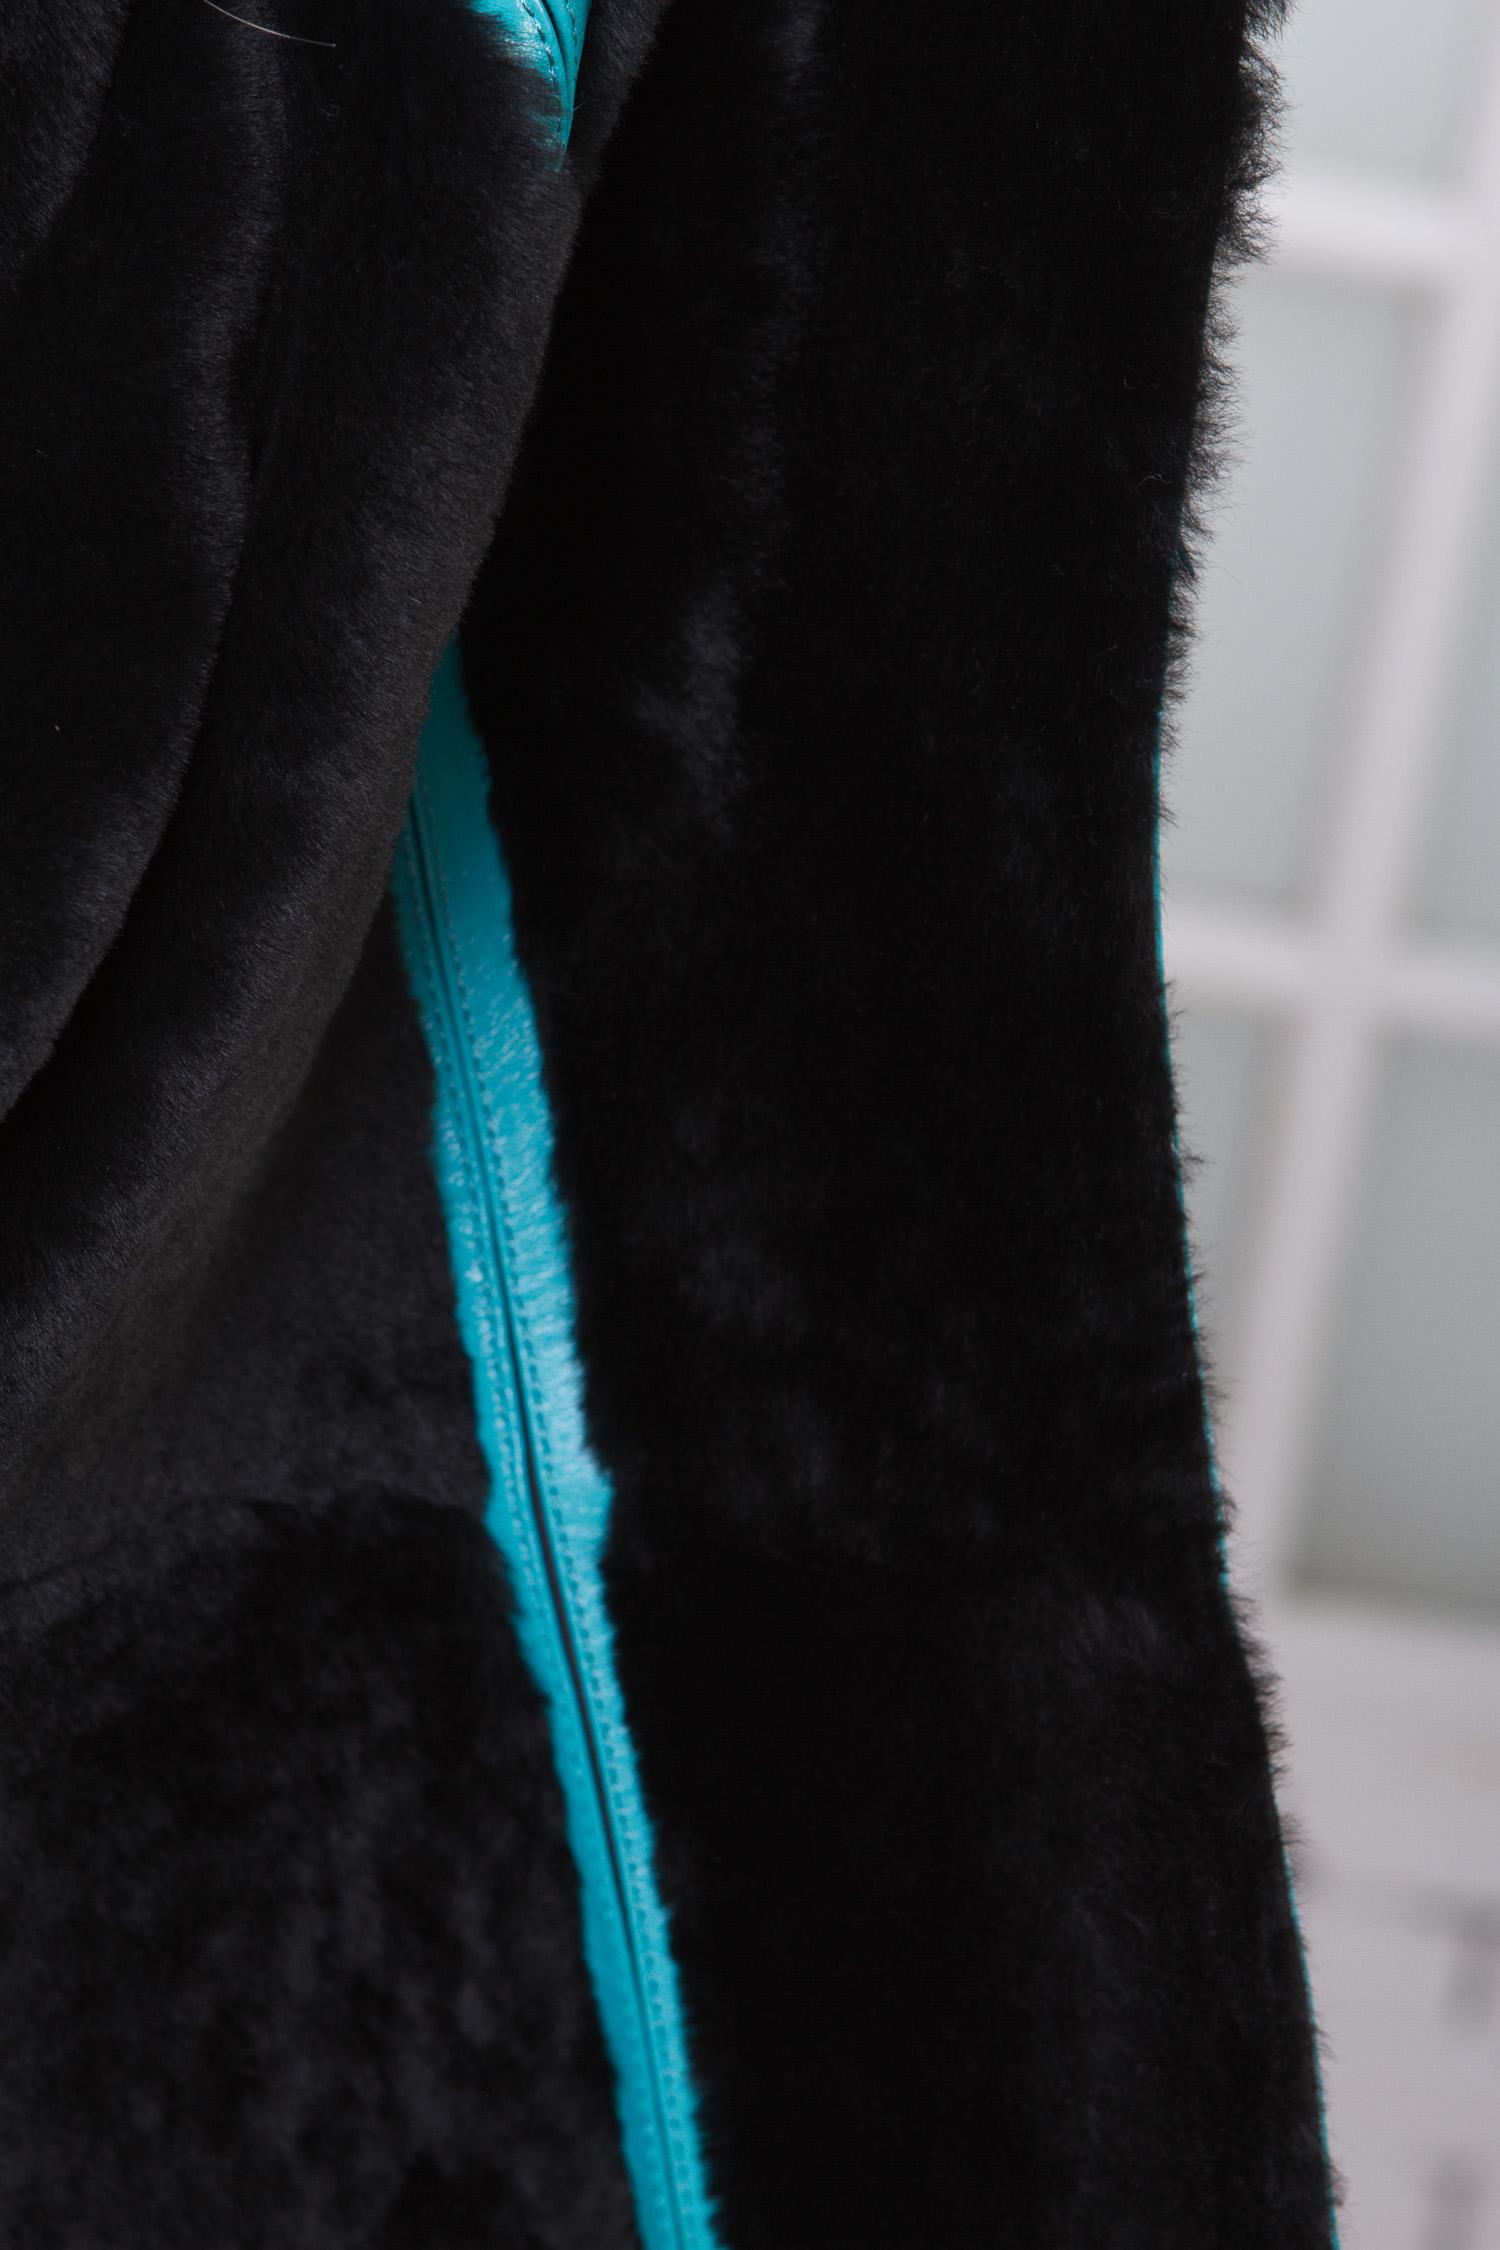 Фото 3 - Женская кожаная куртка из натуральной кожи на меху с капюшоном от МОСМЕХА бирюзового цвета